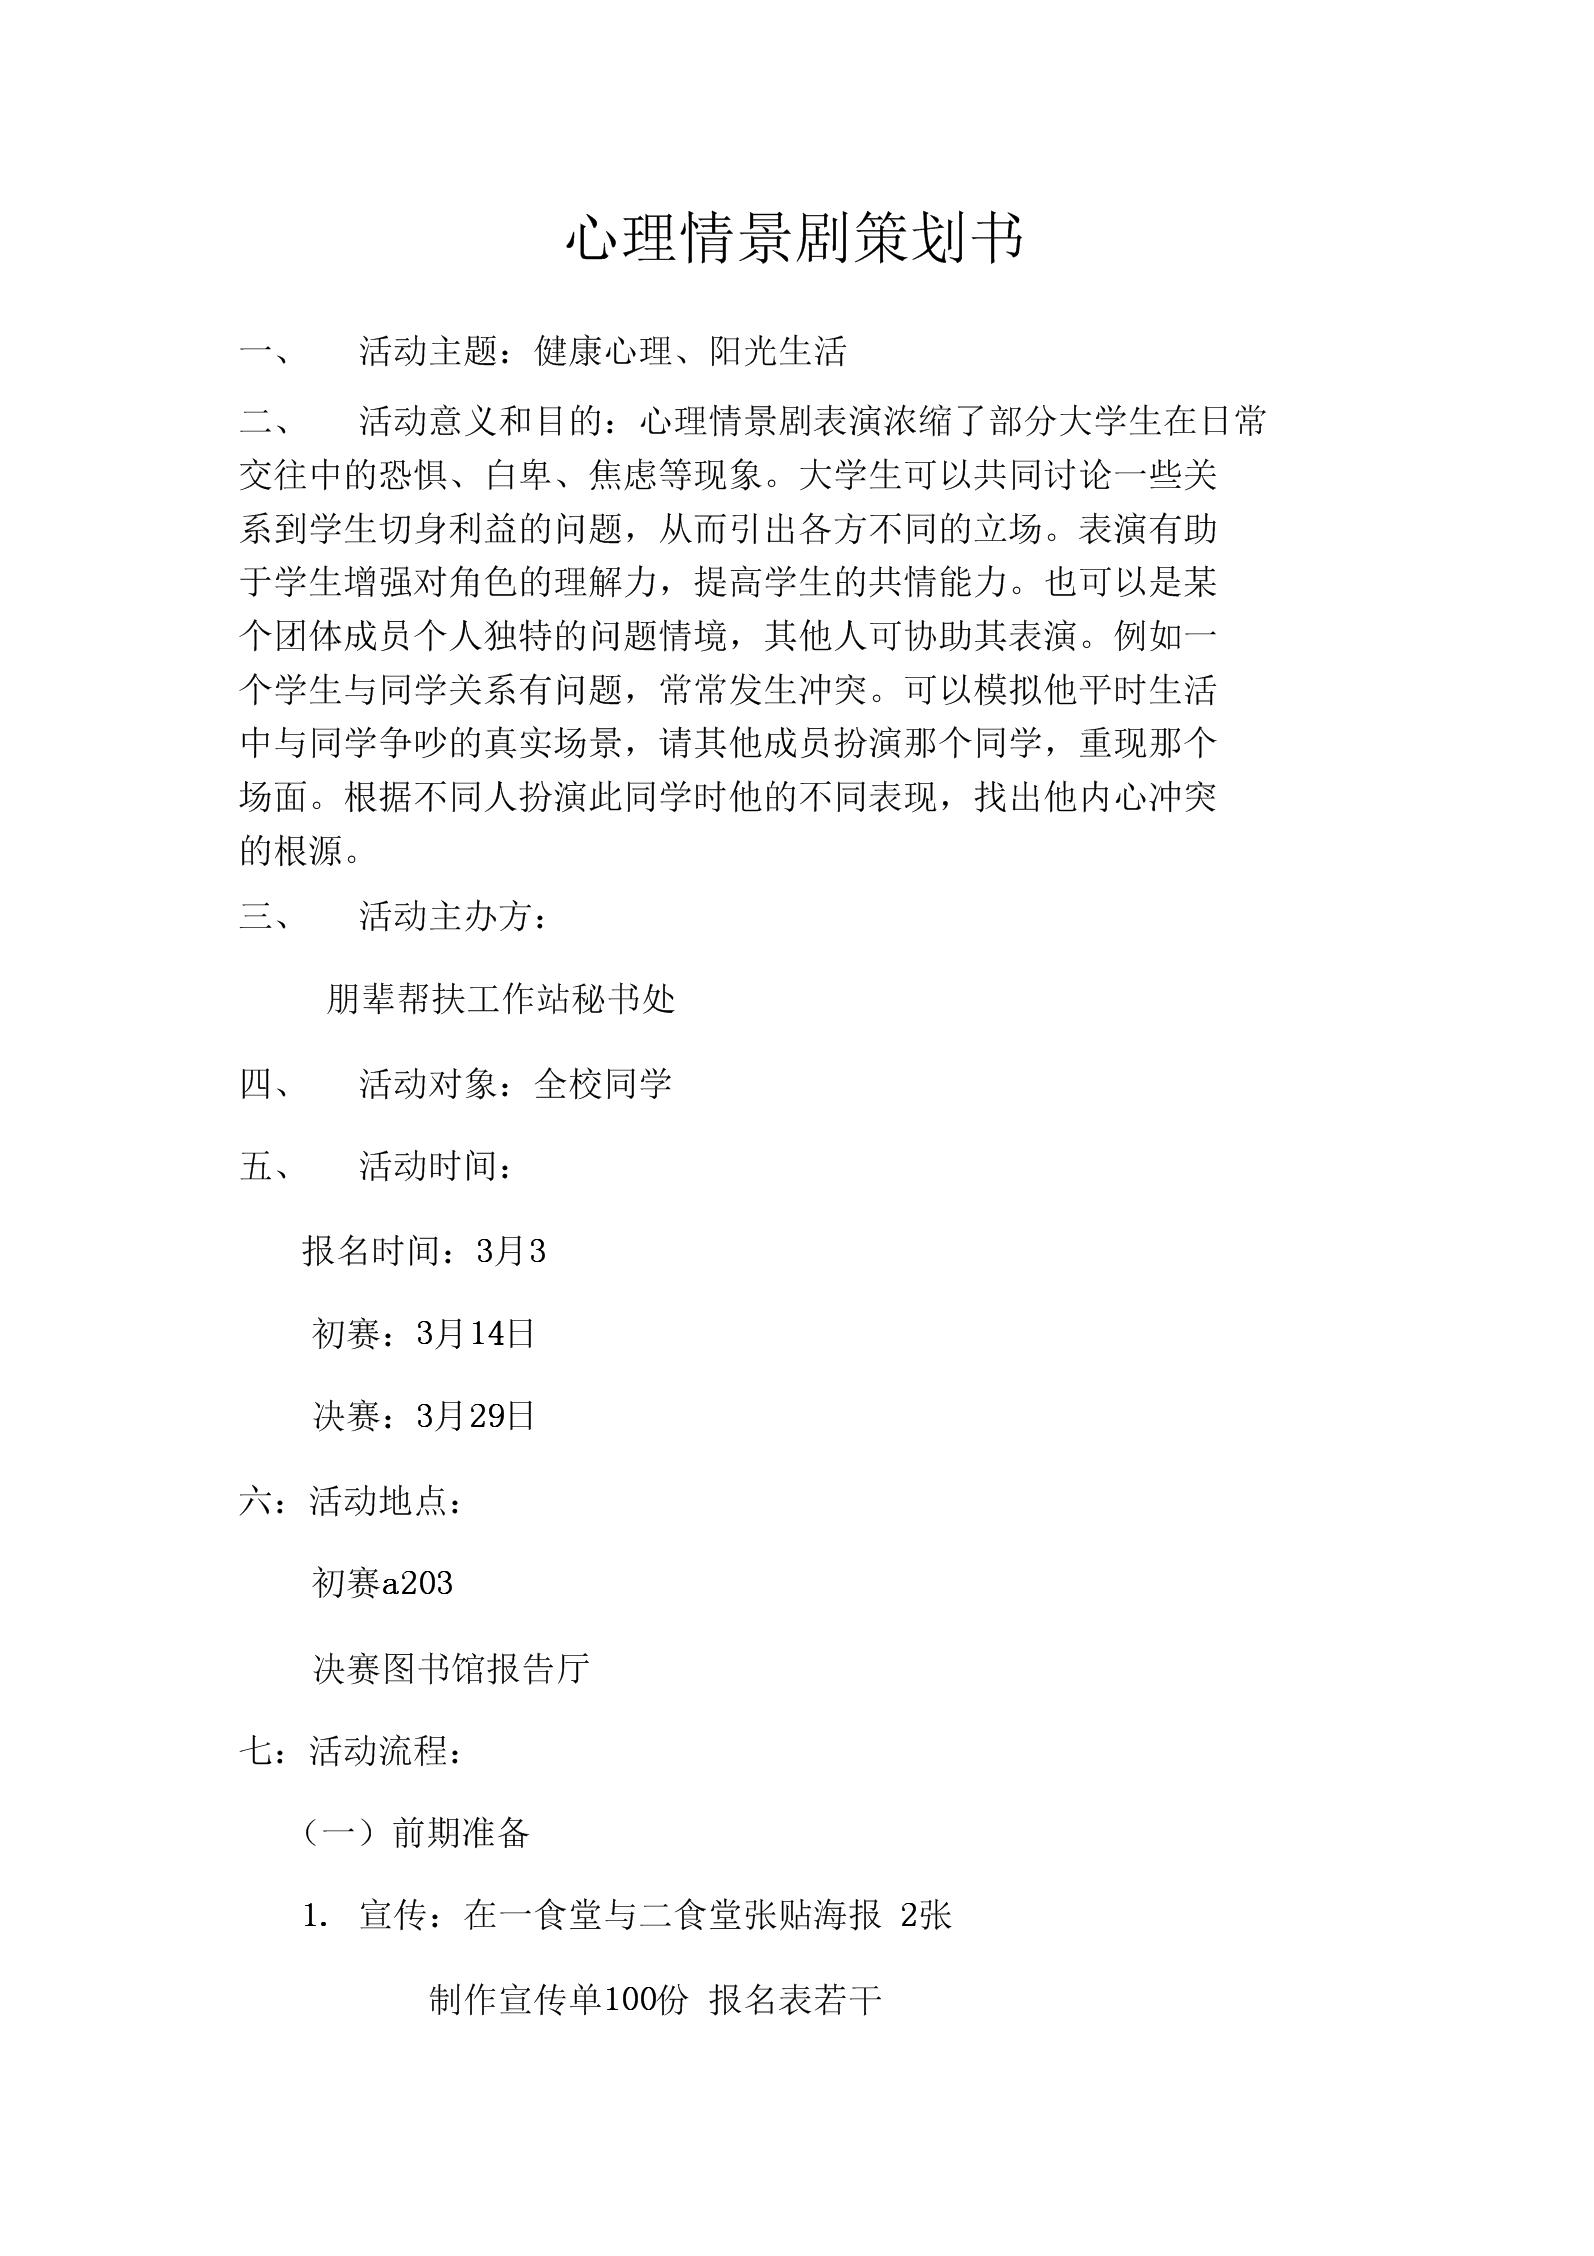 心理情景剧策划书.docx